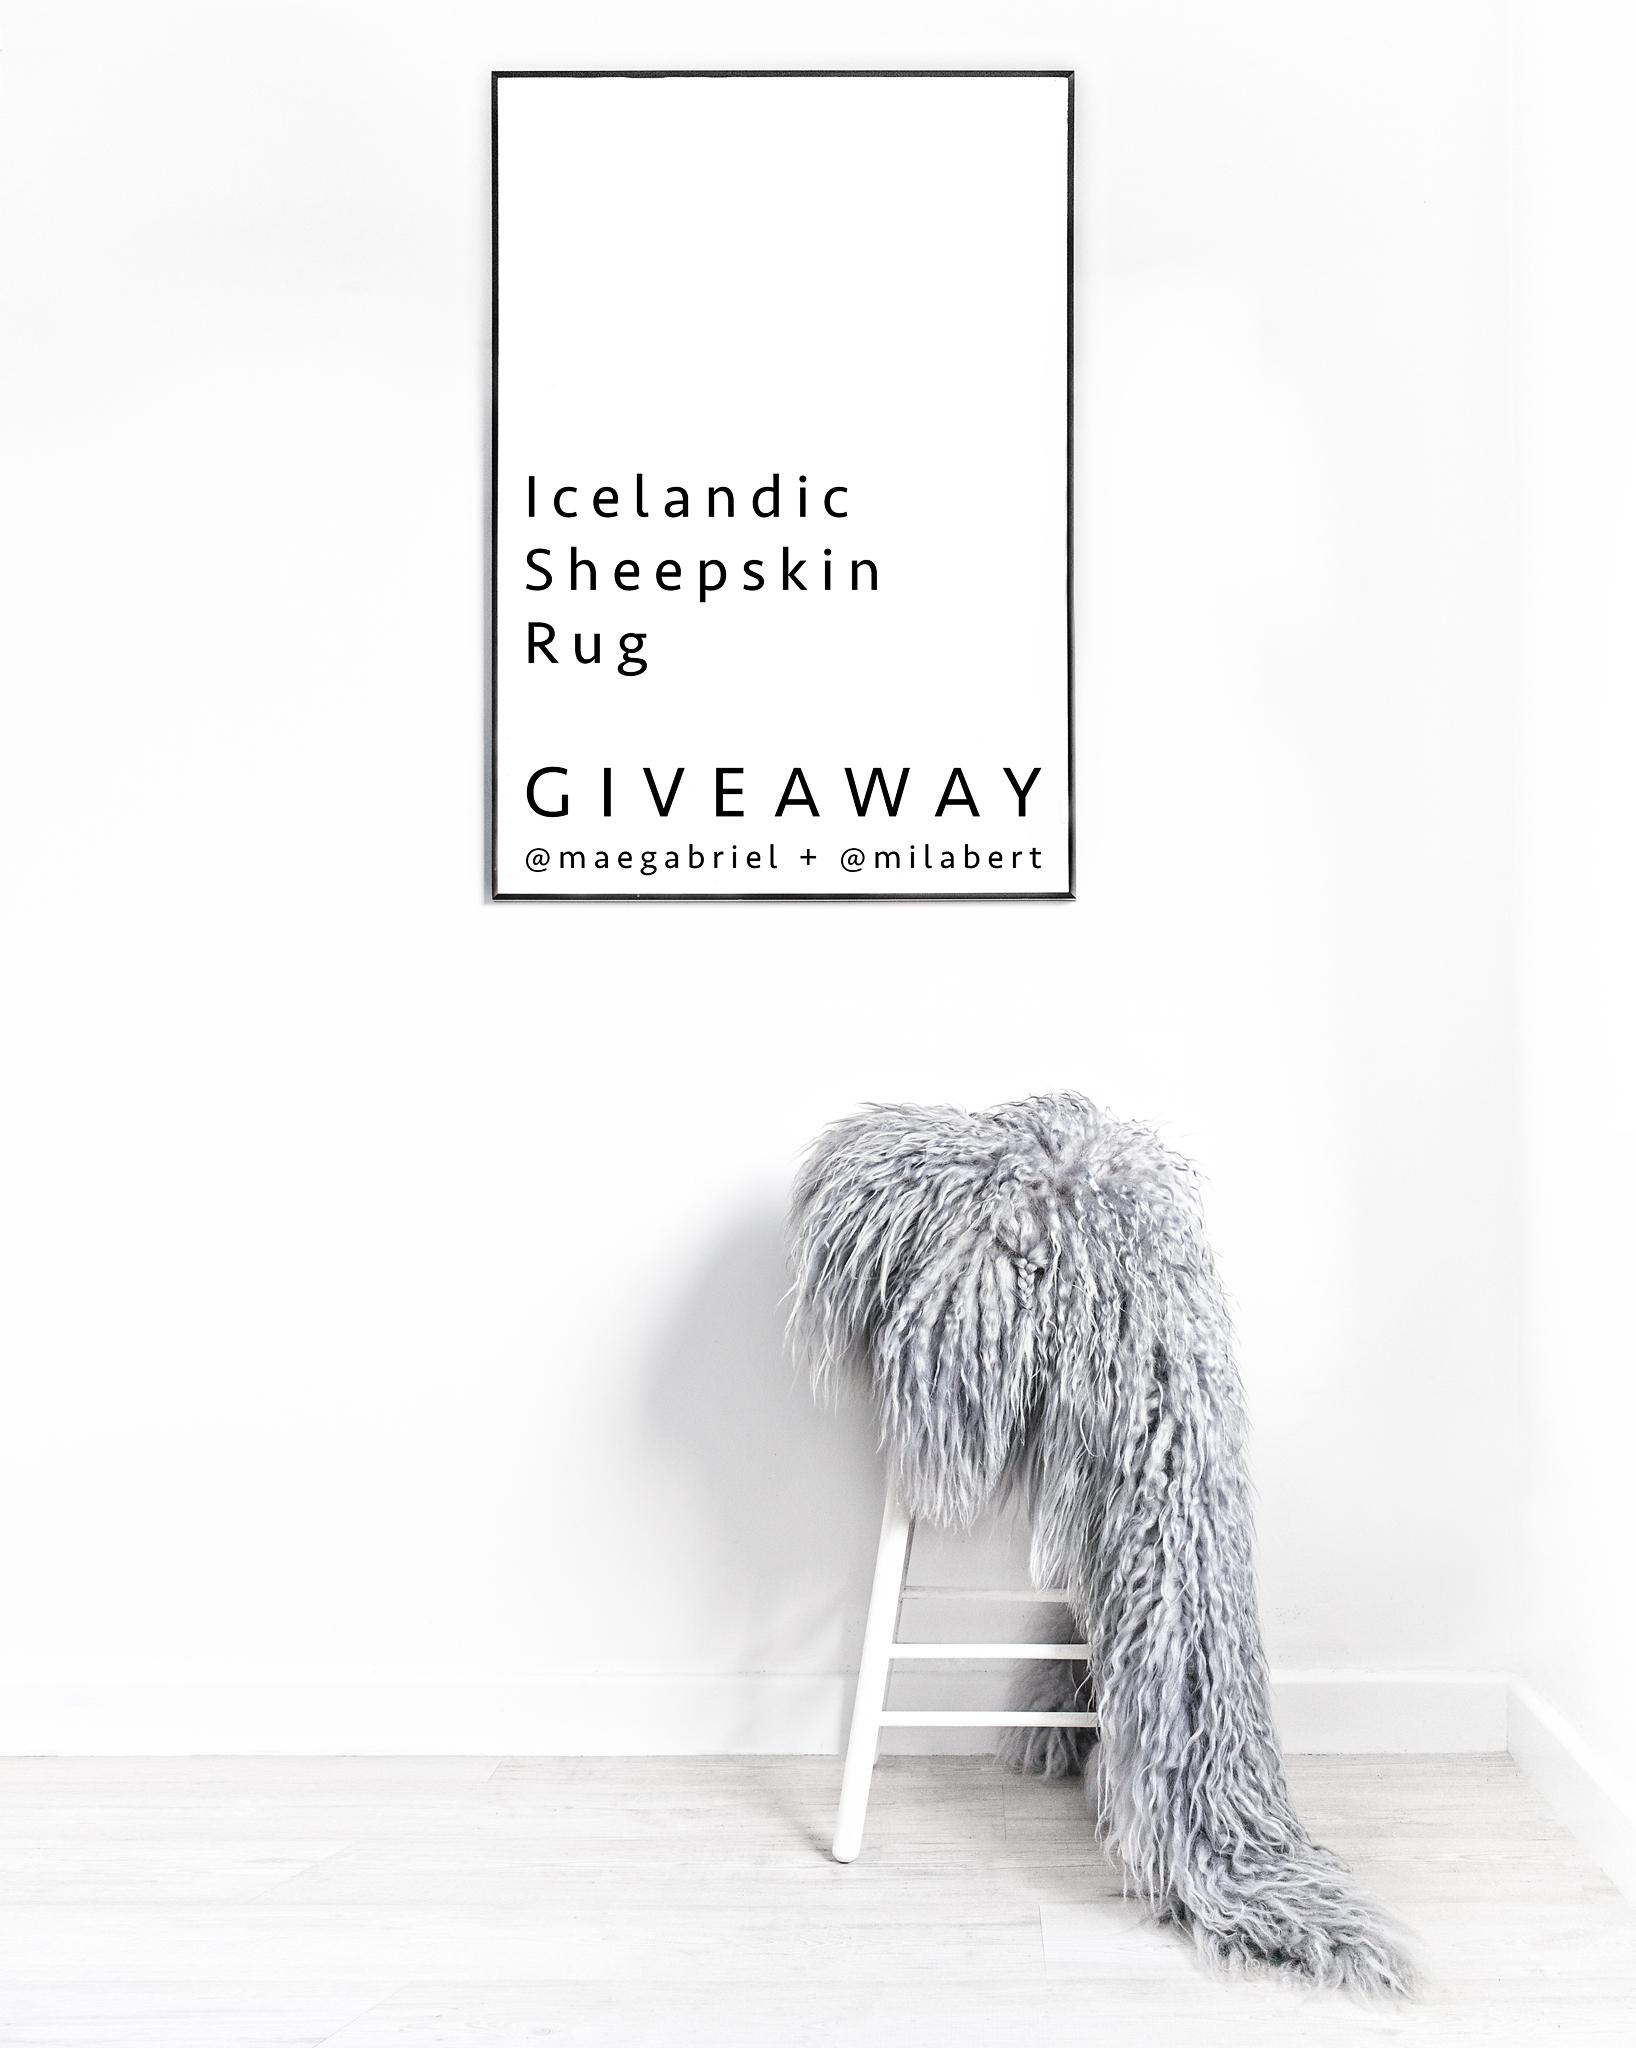 Milabert : Icelandic Sheepskin Rug GIVEAWAY!